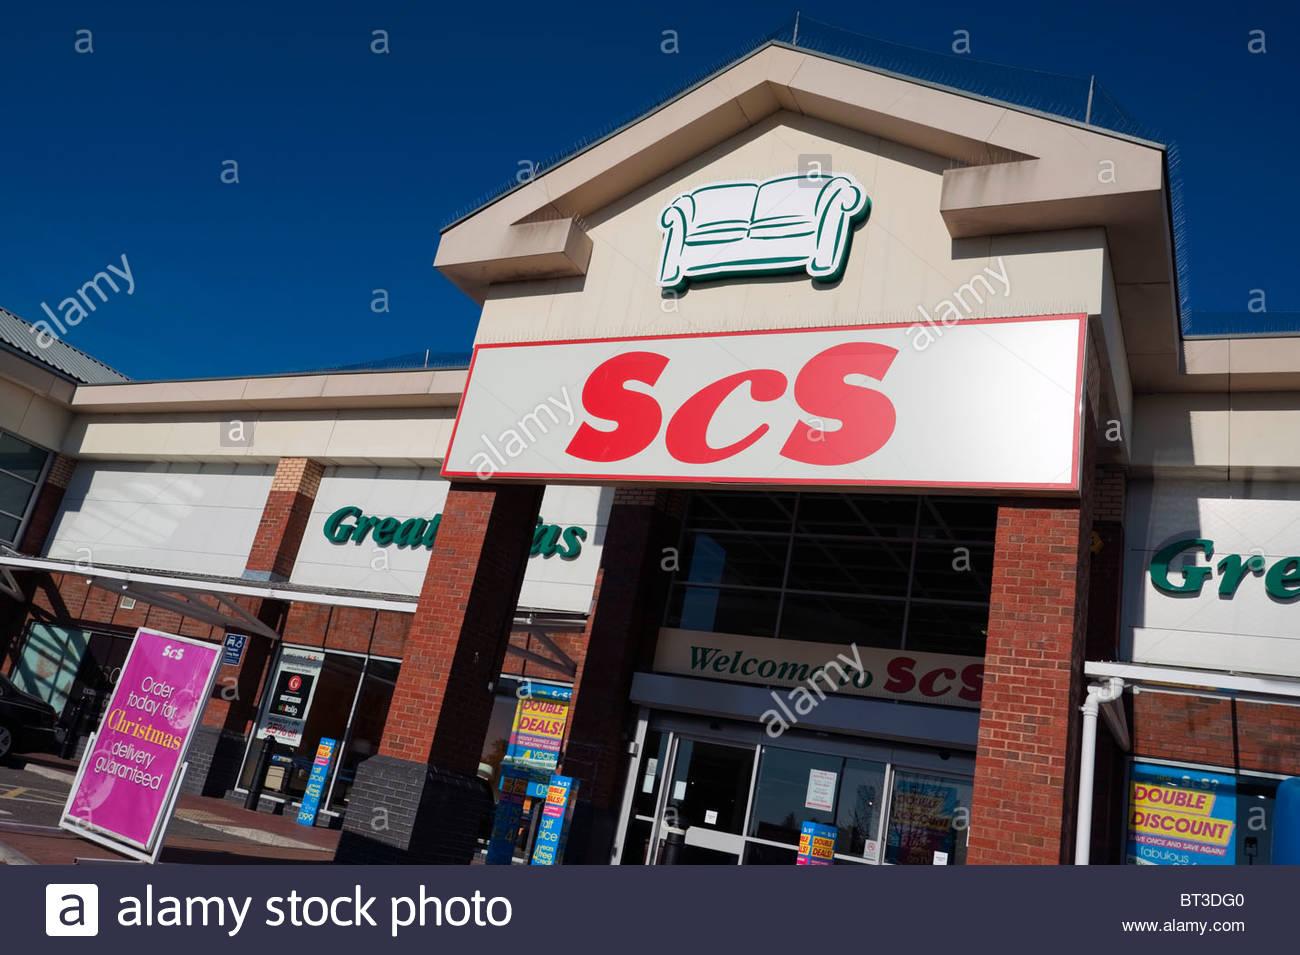 SCS divani furniture store, Cheltenham, Regno Unito. Immagini Stock